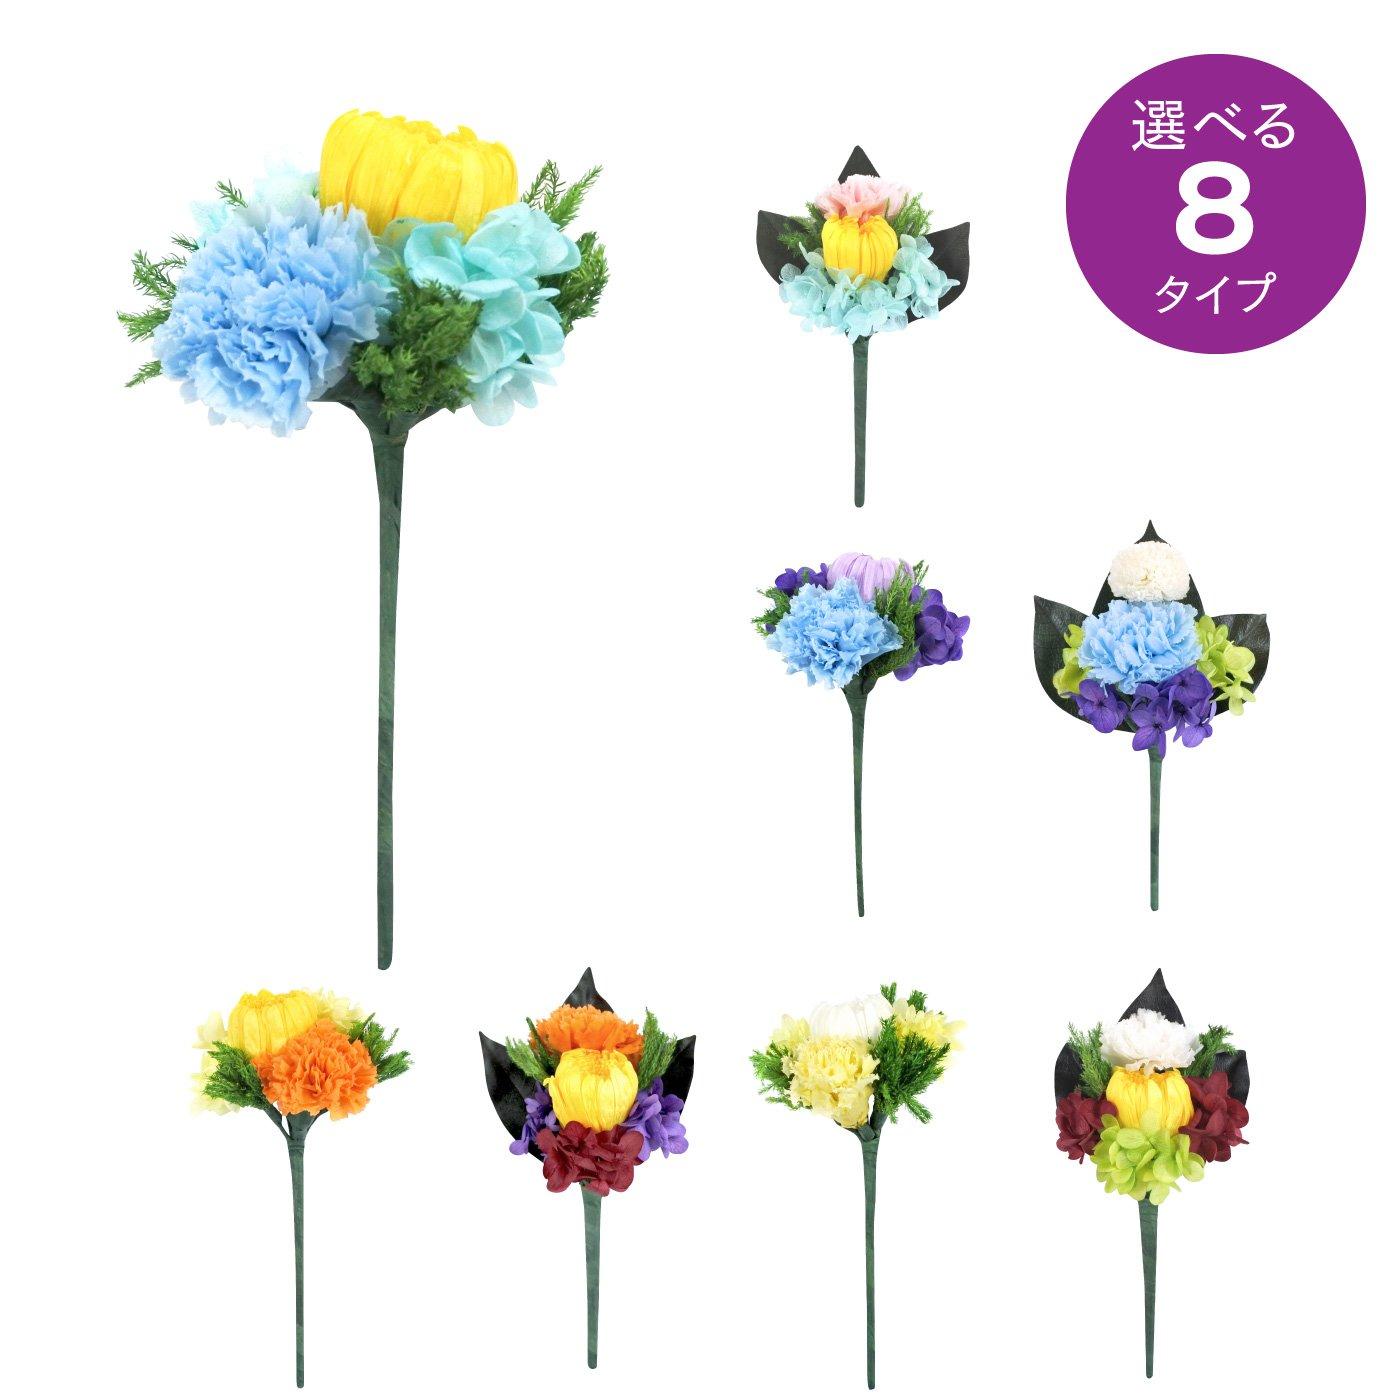 季節の花風水を取り入れる プリザーブドフラワー仏花